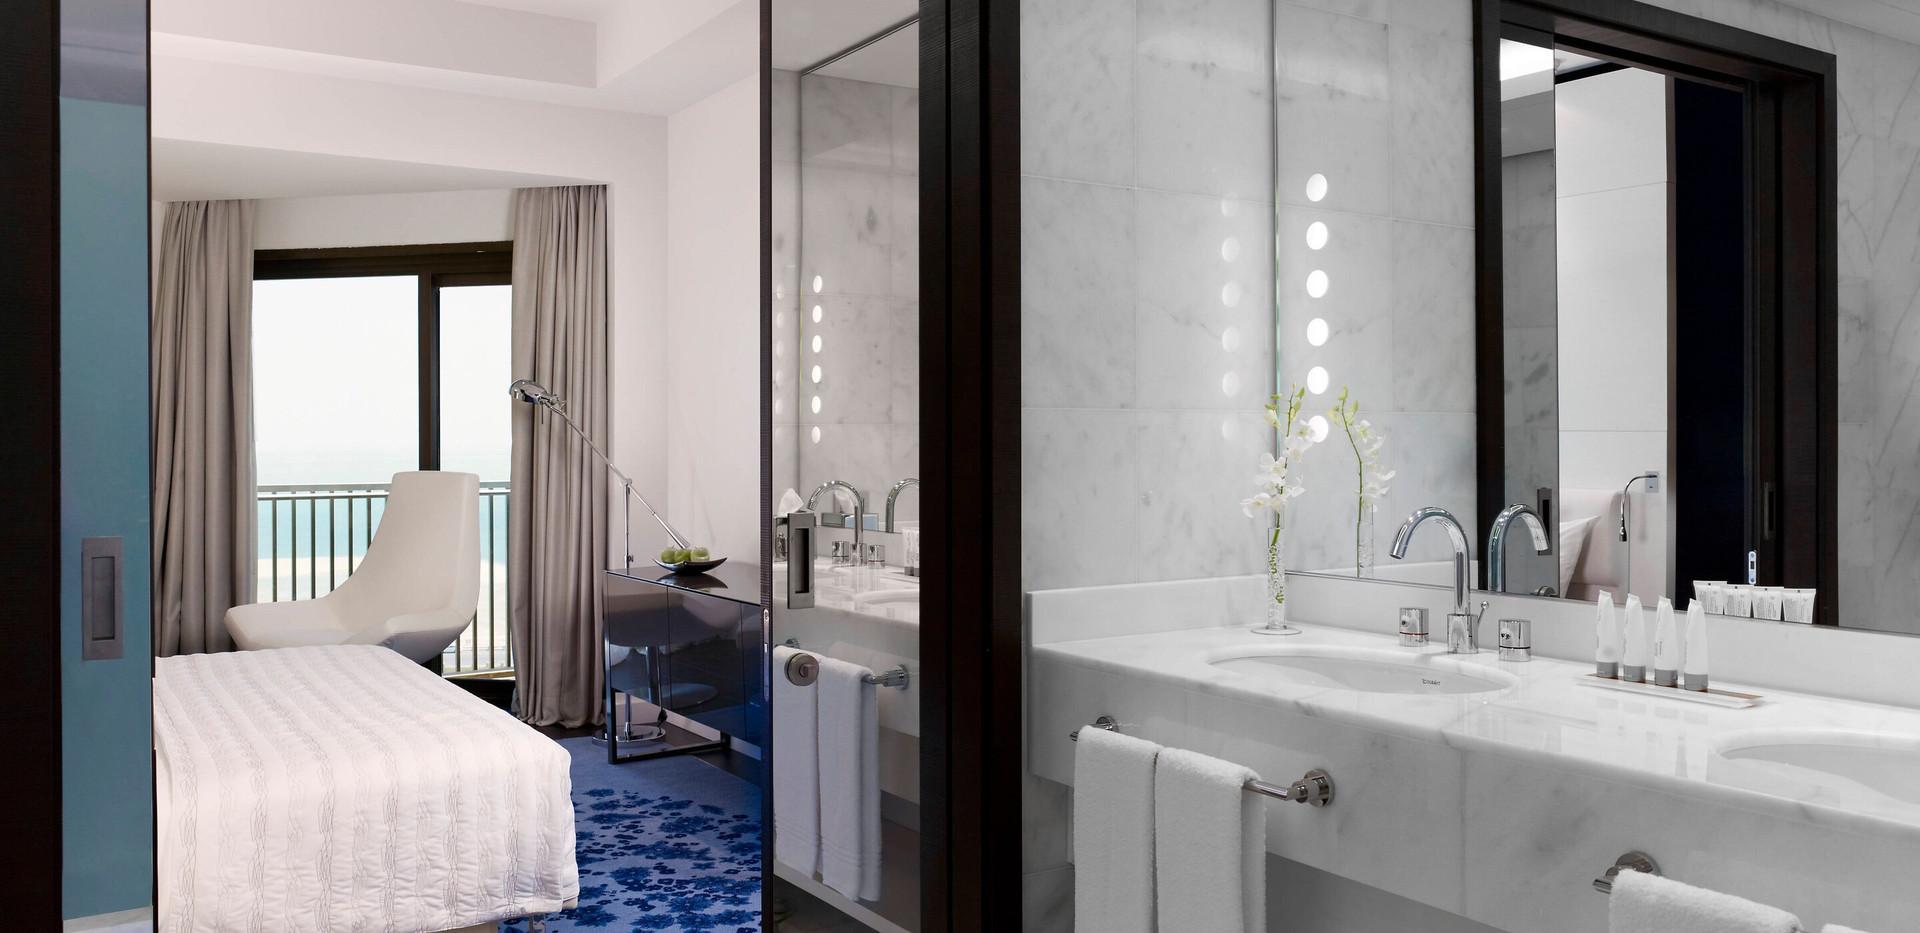 dhamd-suite-9815-hor-wide.jpg